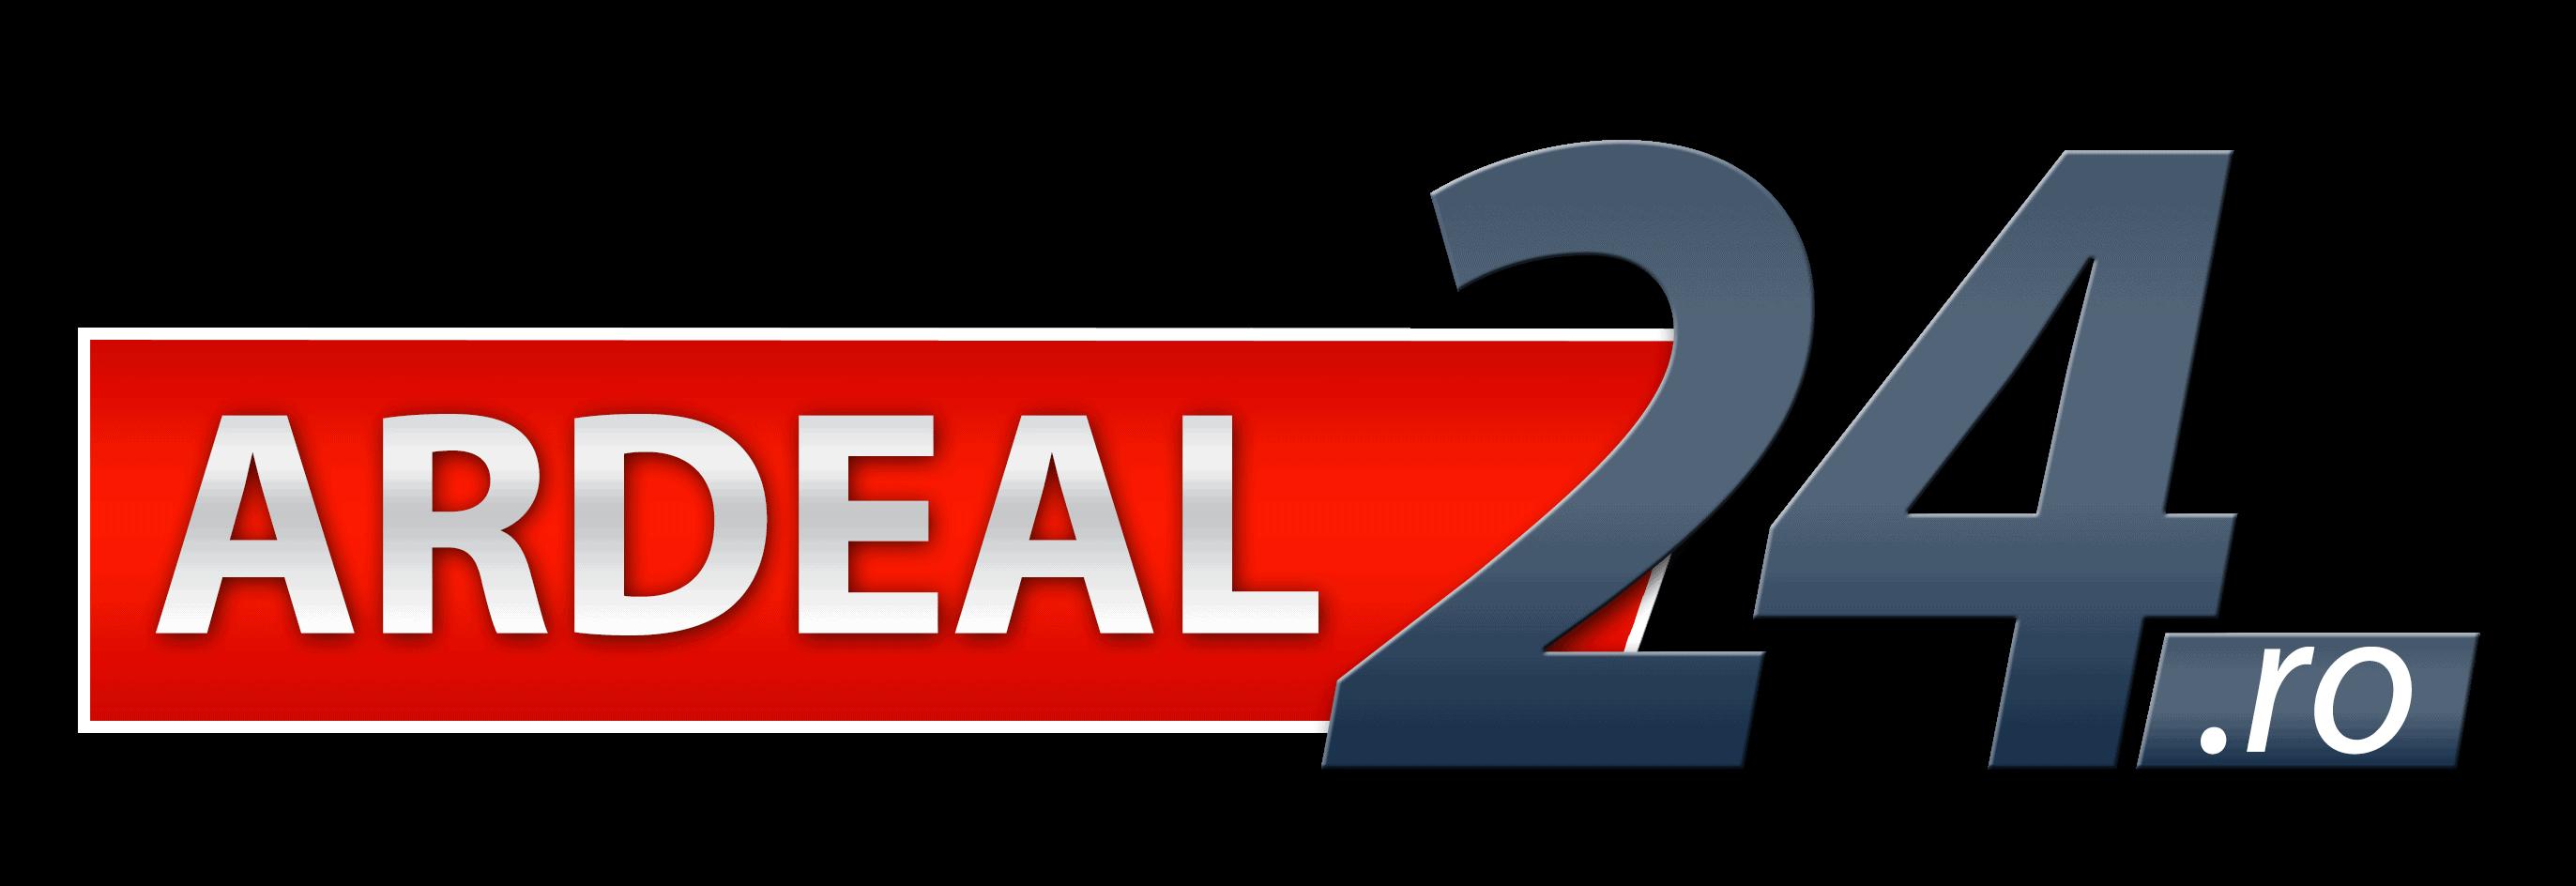 Ardeal24